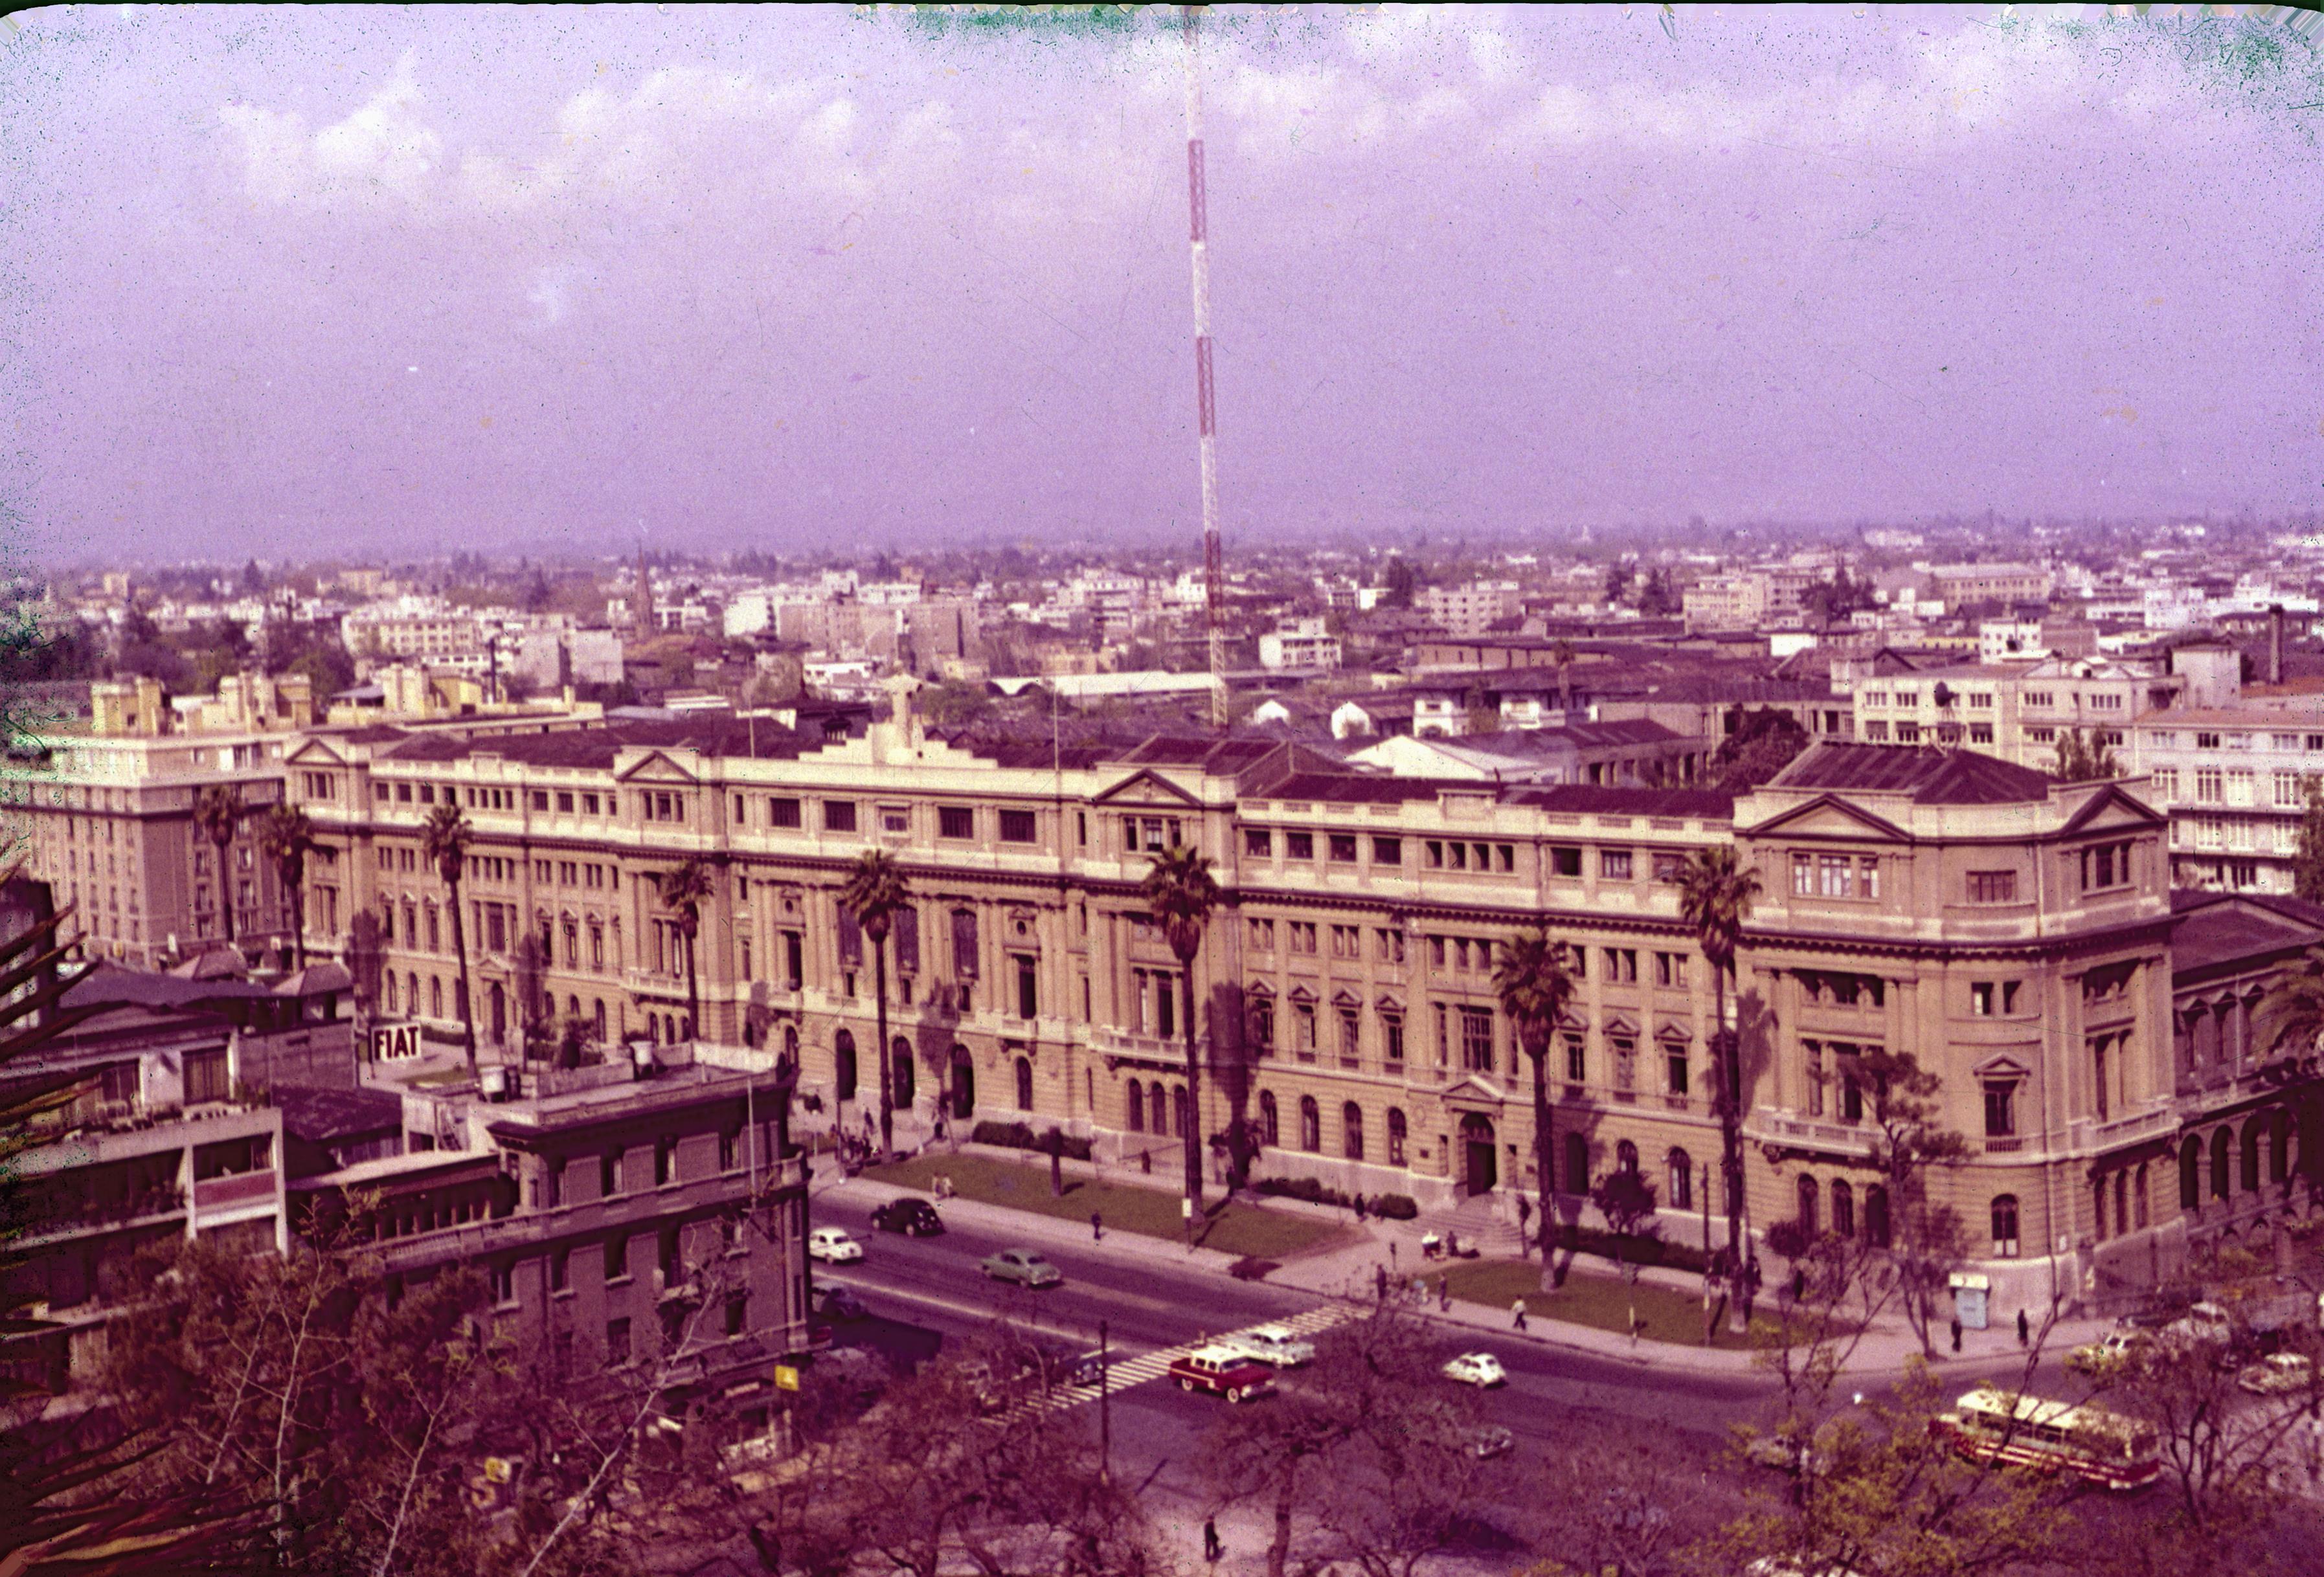 Enterreno - Fotos históricas de chile - fotos antiguas de Chile - Universidad Católica en los años 60´s